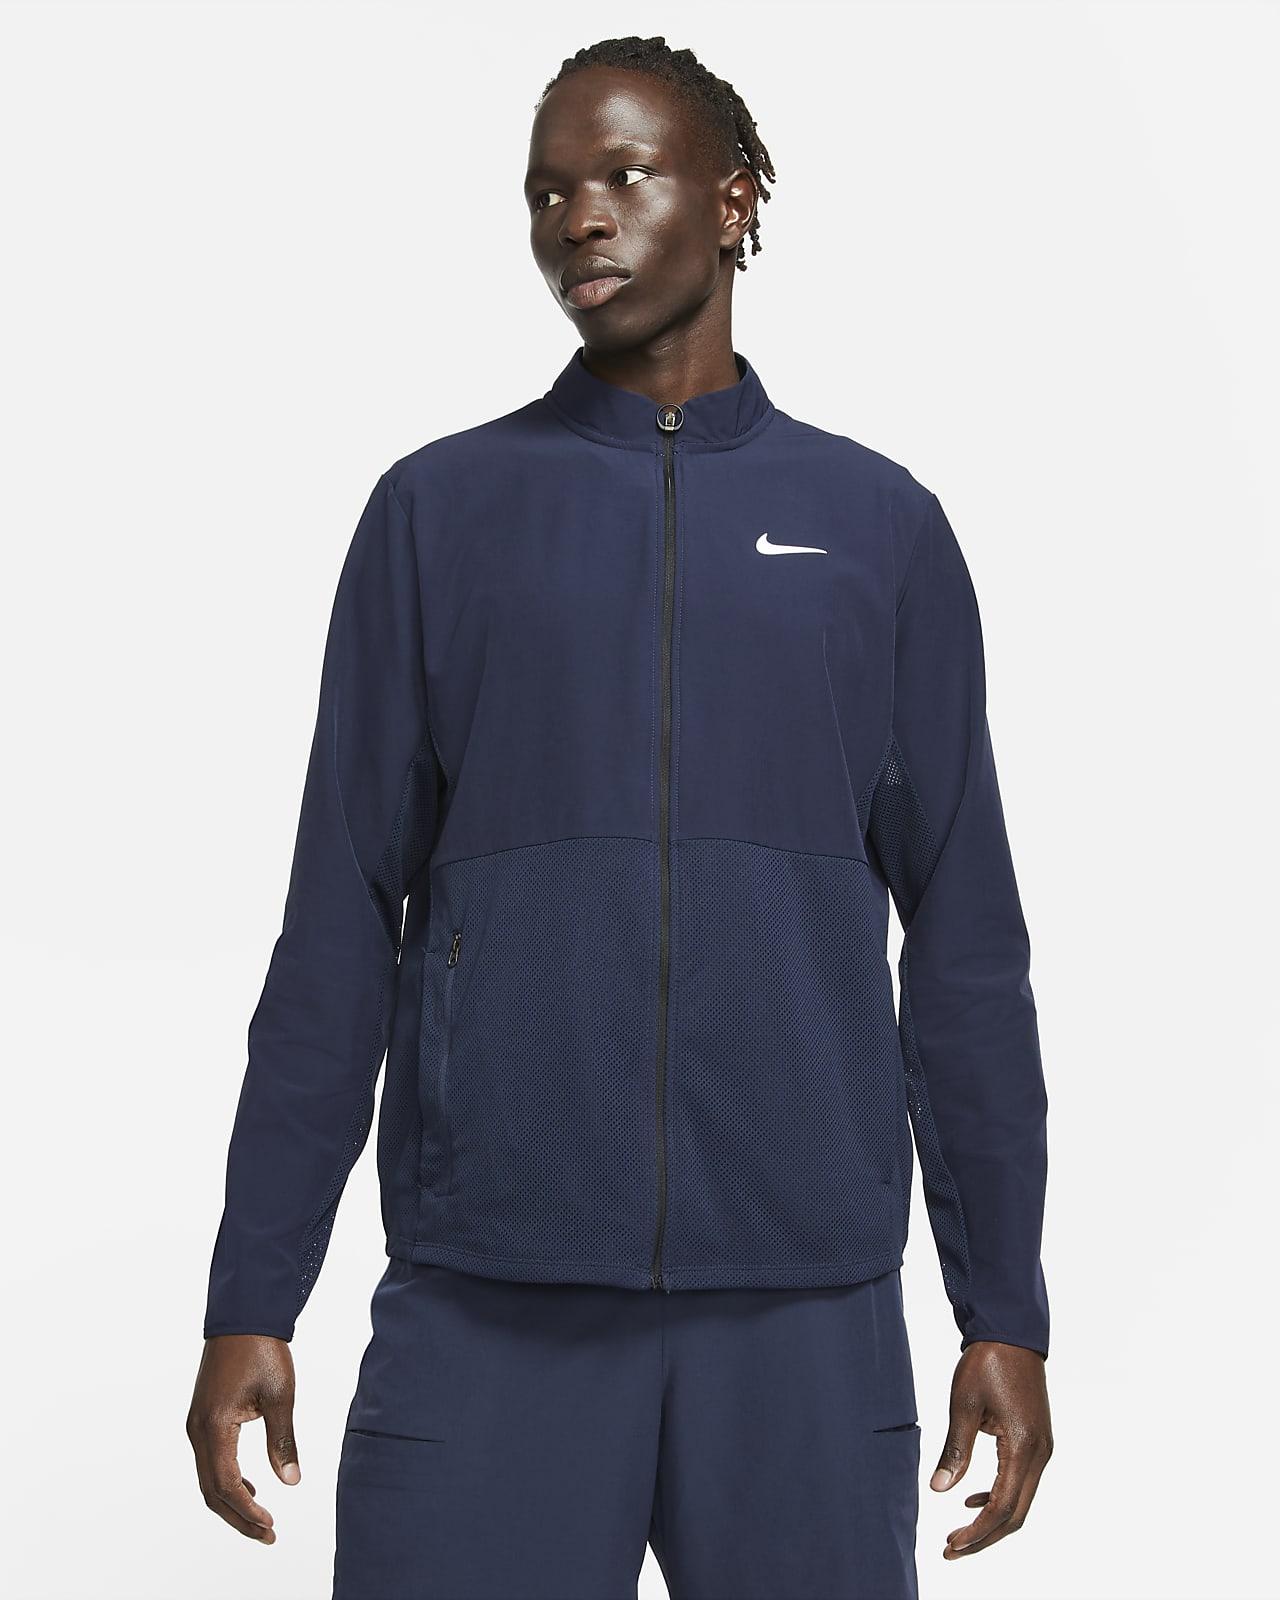 NikeCourt HyperAdapt Advantage Men's Packable Tennis Jacket